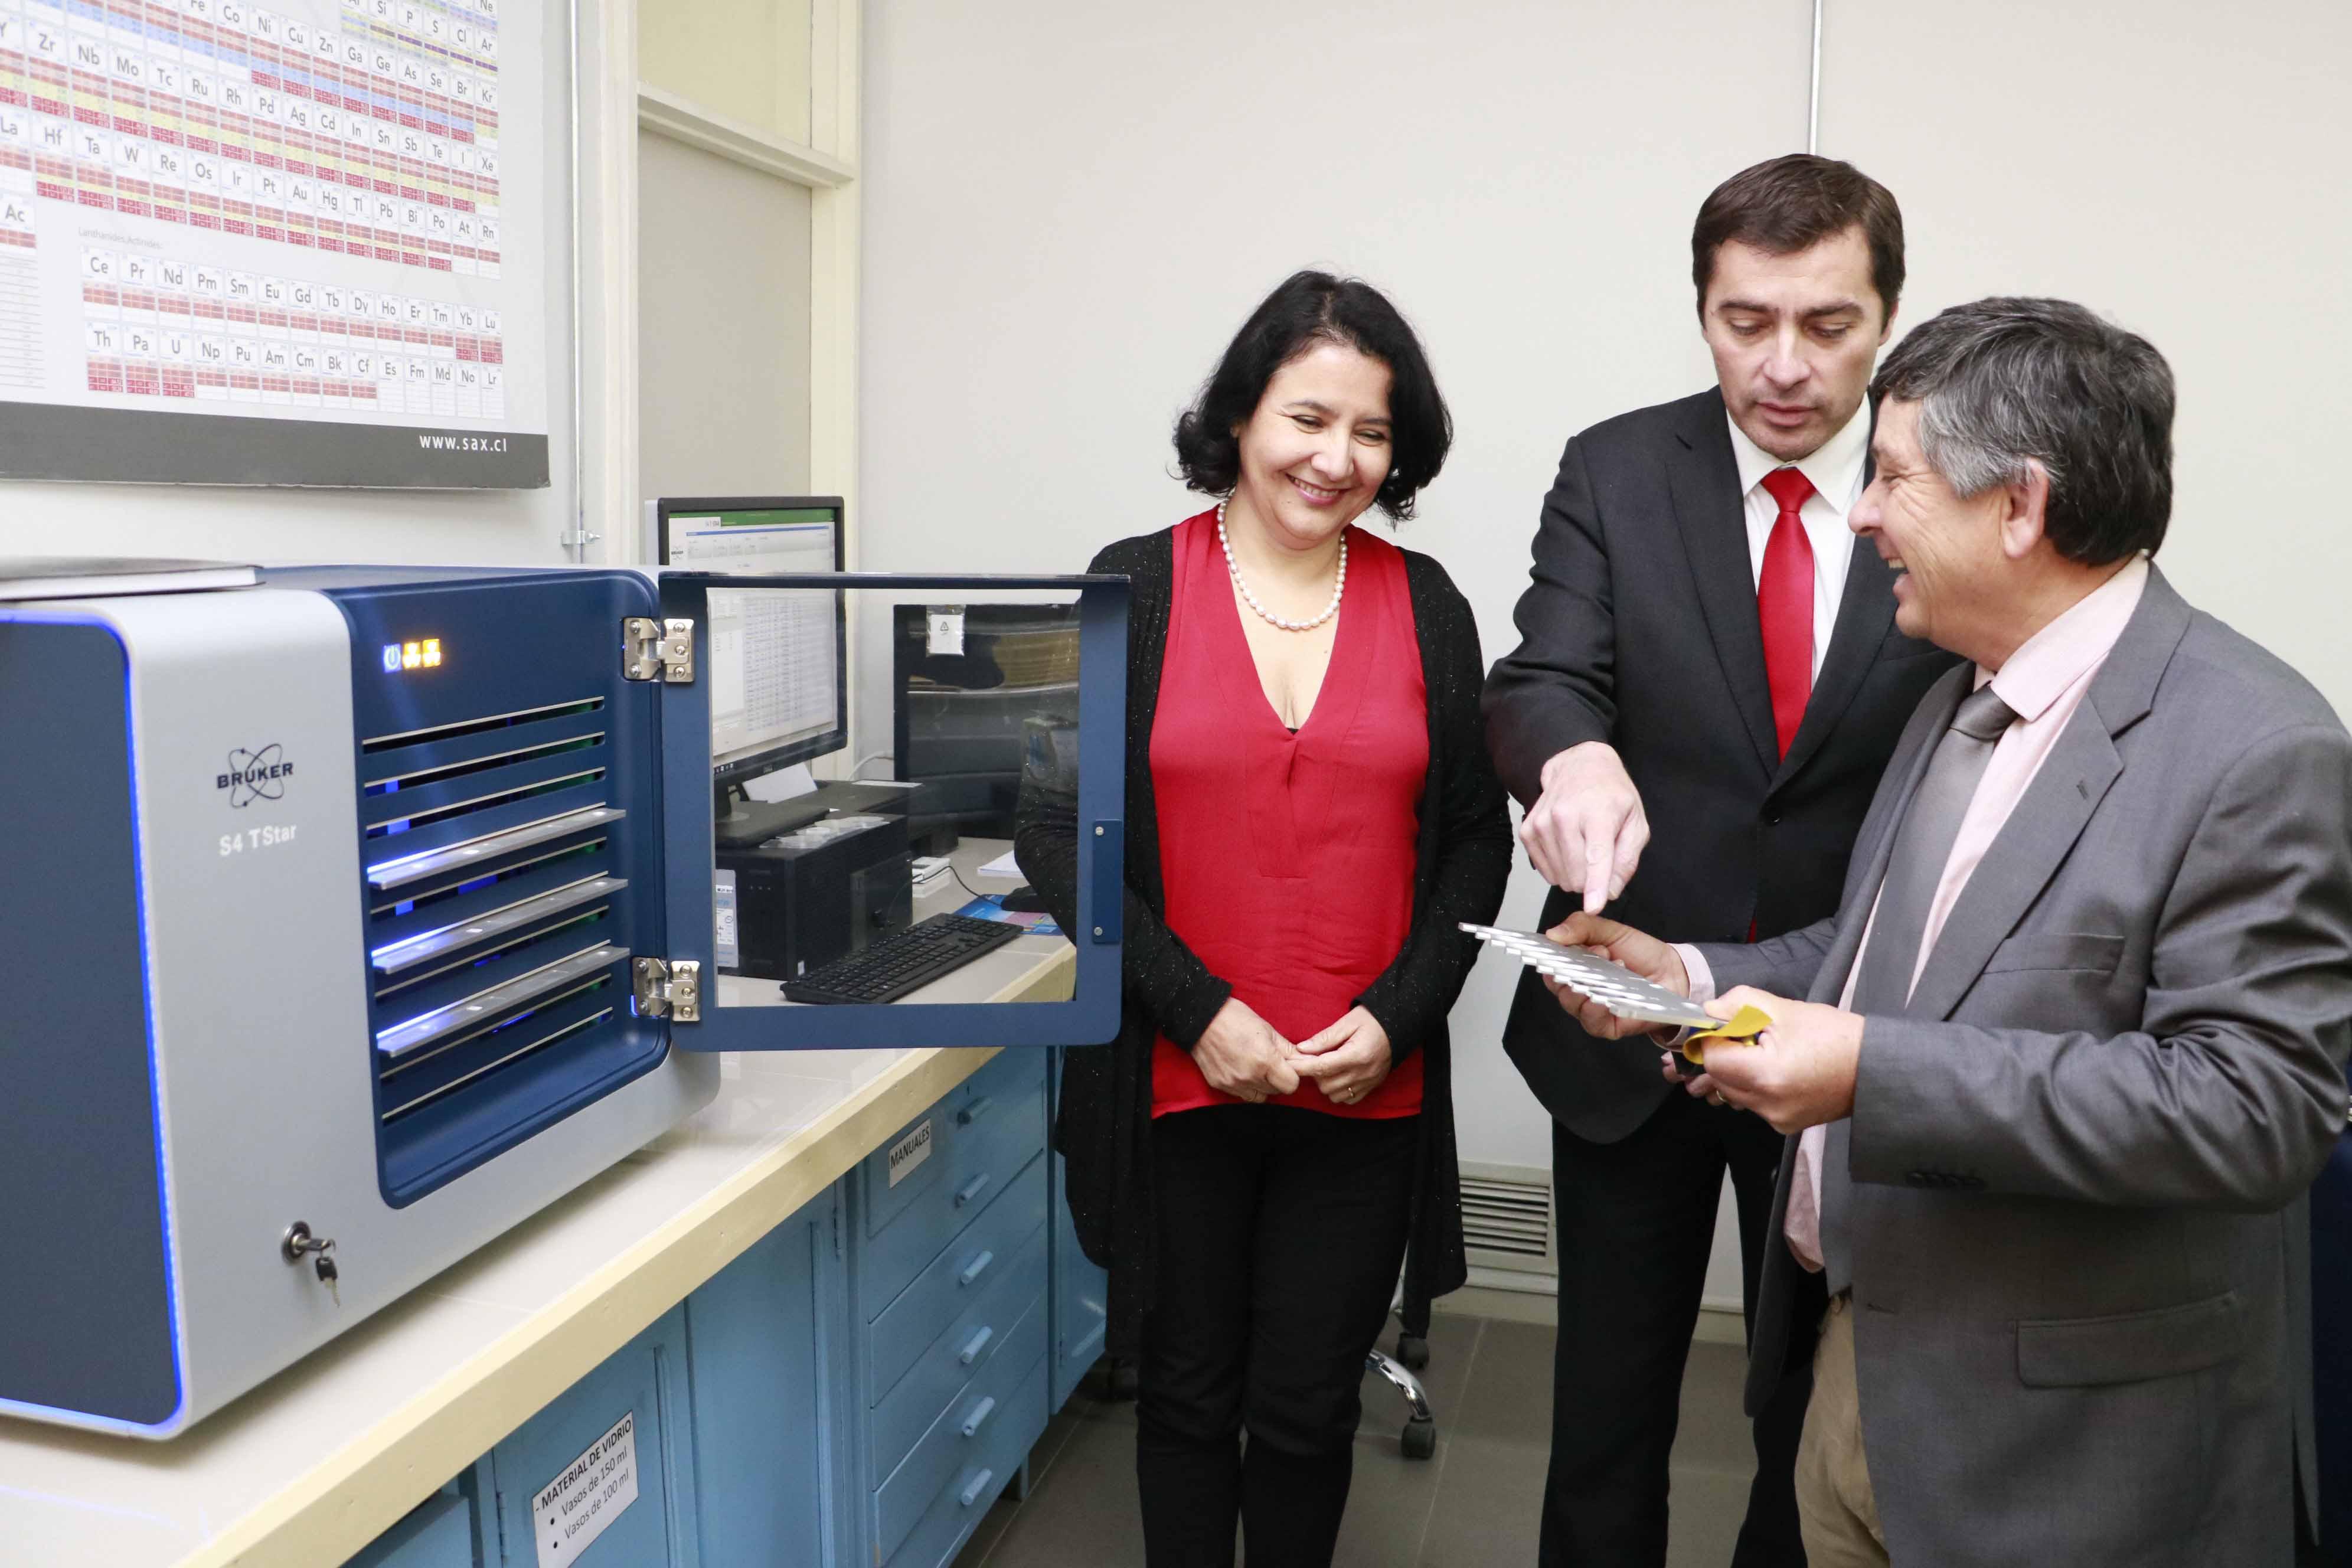 Facultad de Farmacia inauguró equipo de Fluorescencia de Rayos X único en Sudamérica